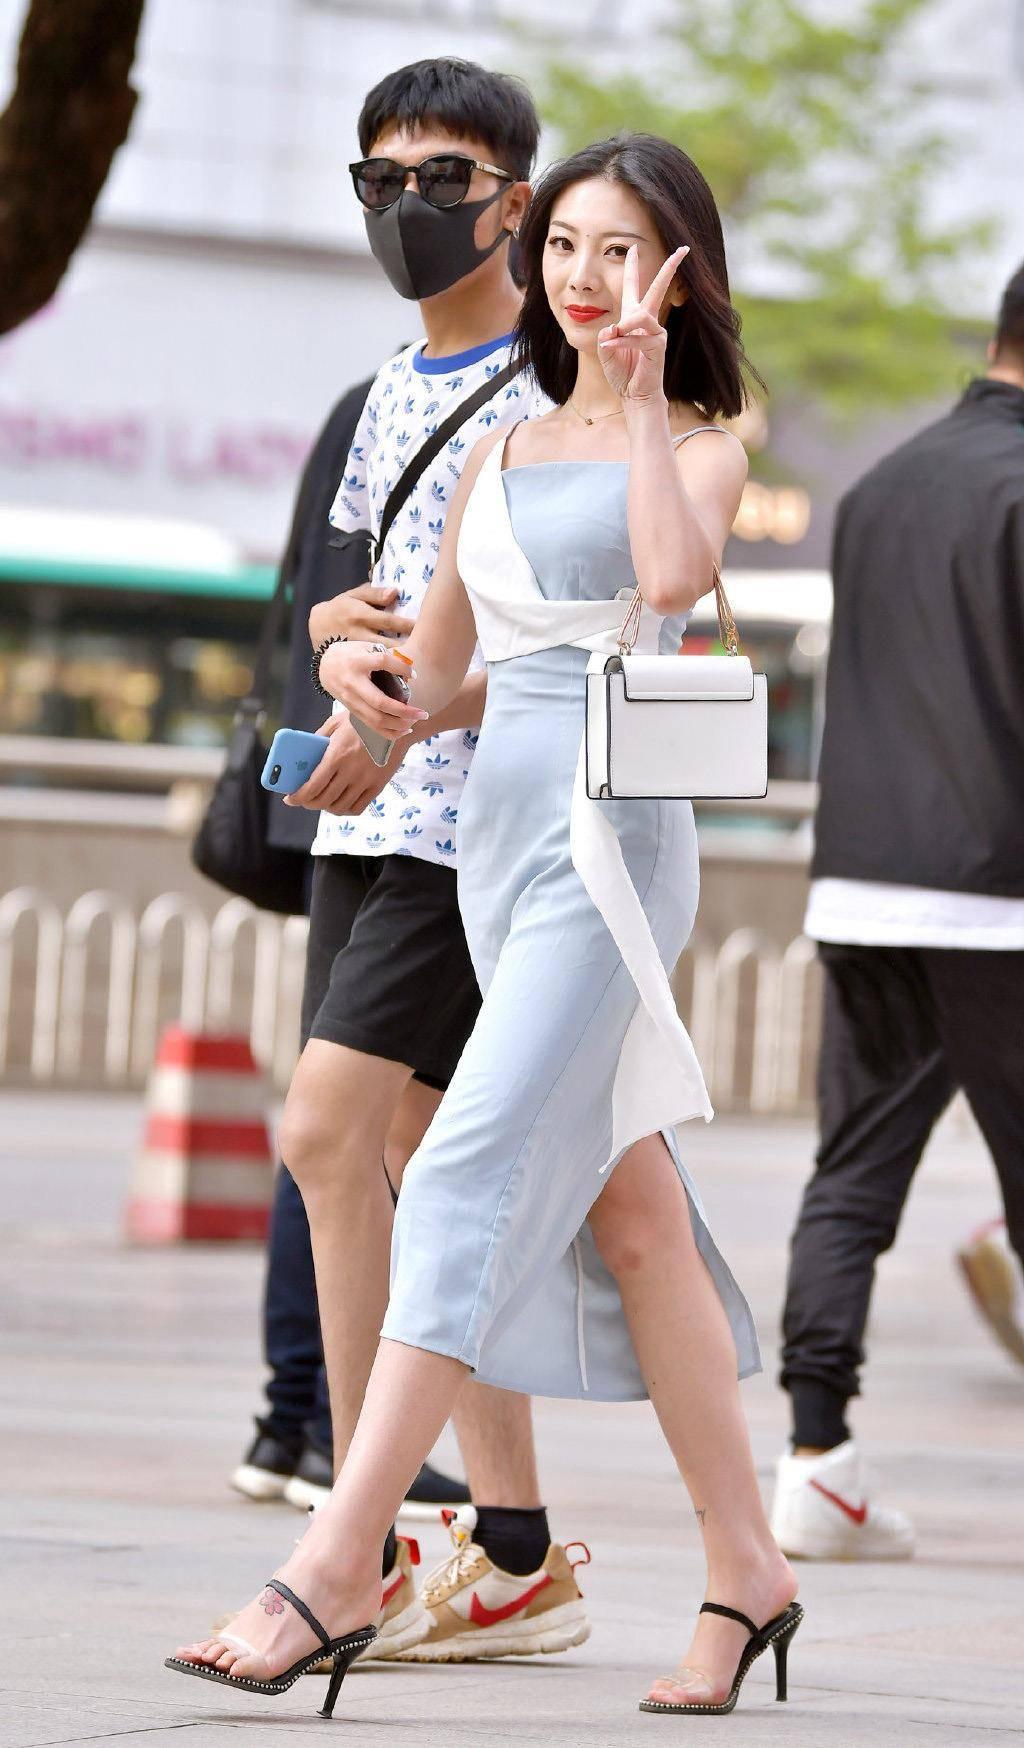 修身的吊带连衣裙,时尚洋气又显身材,尽显十足女人味